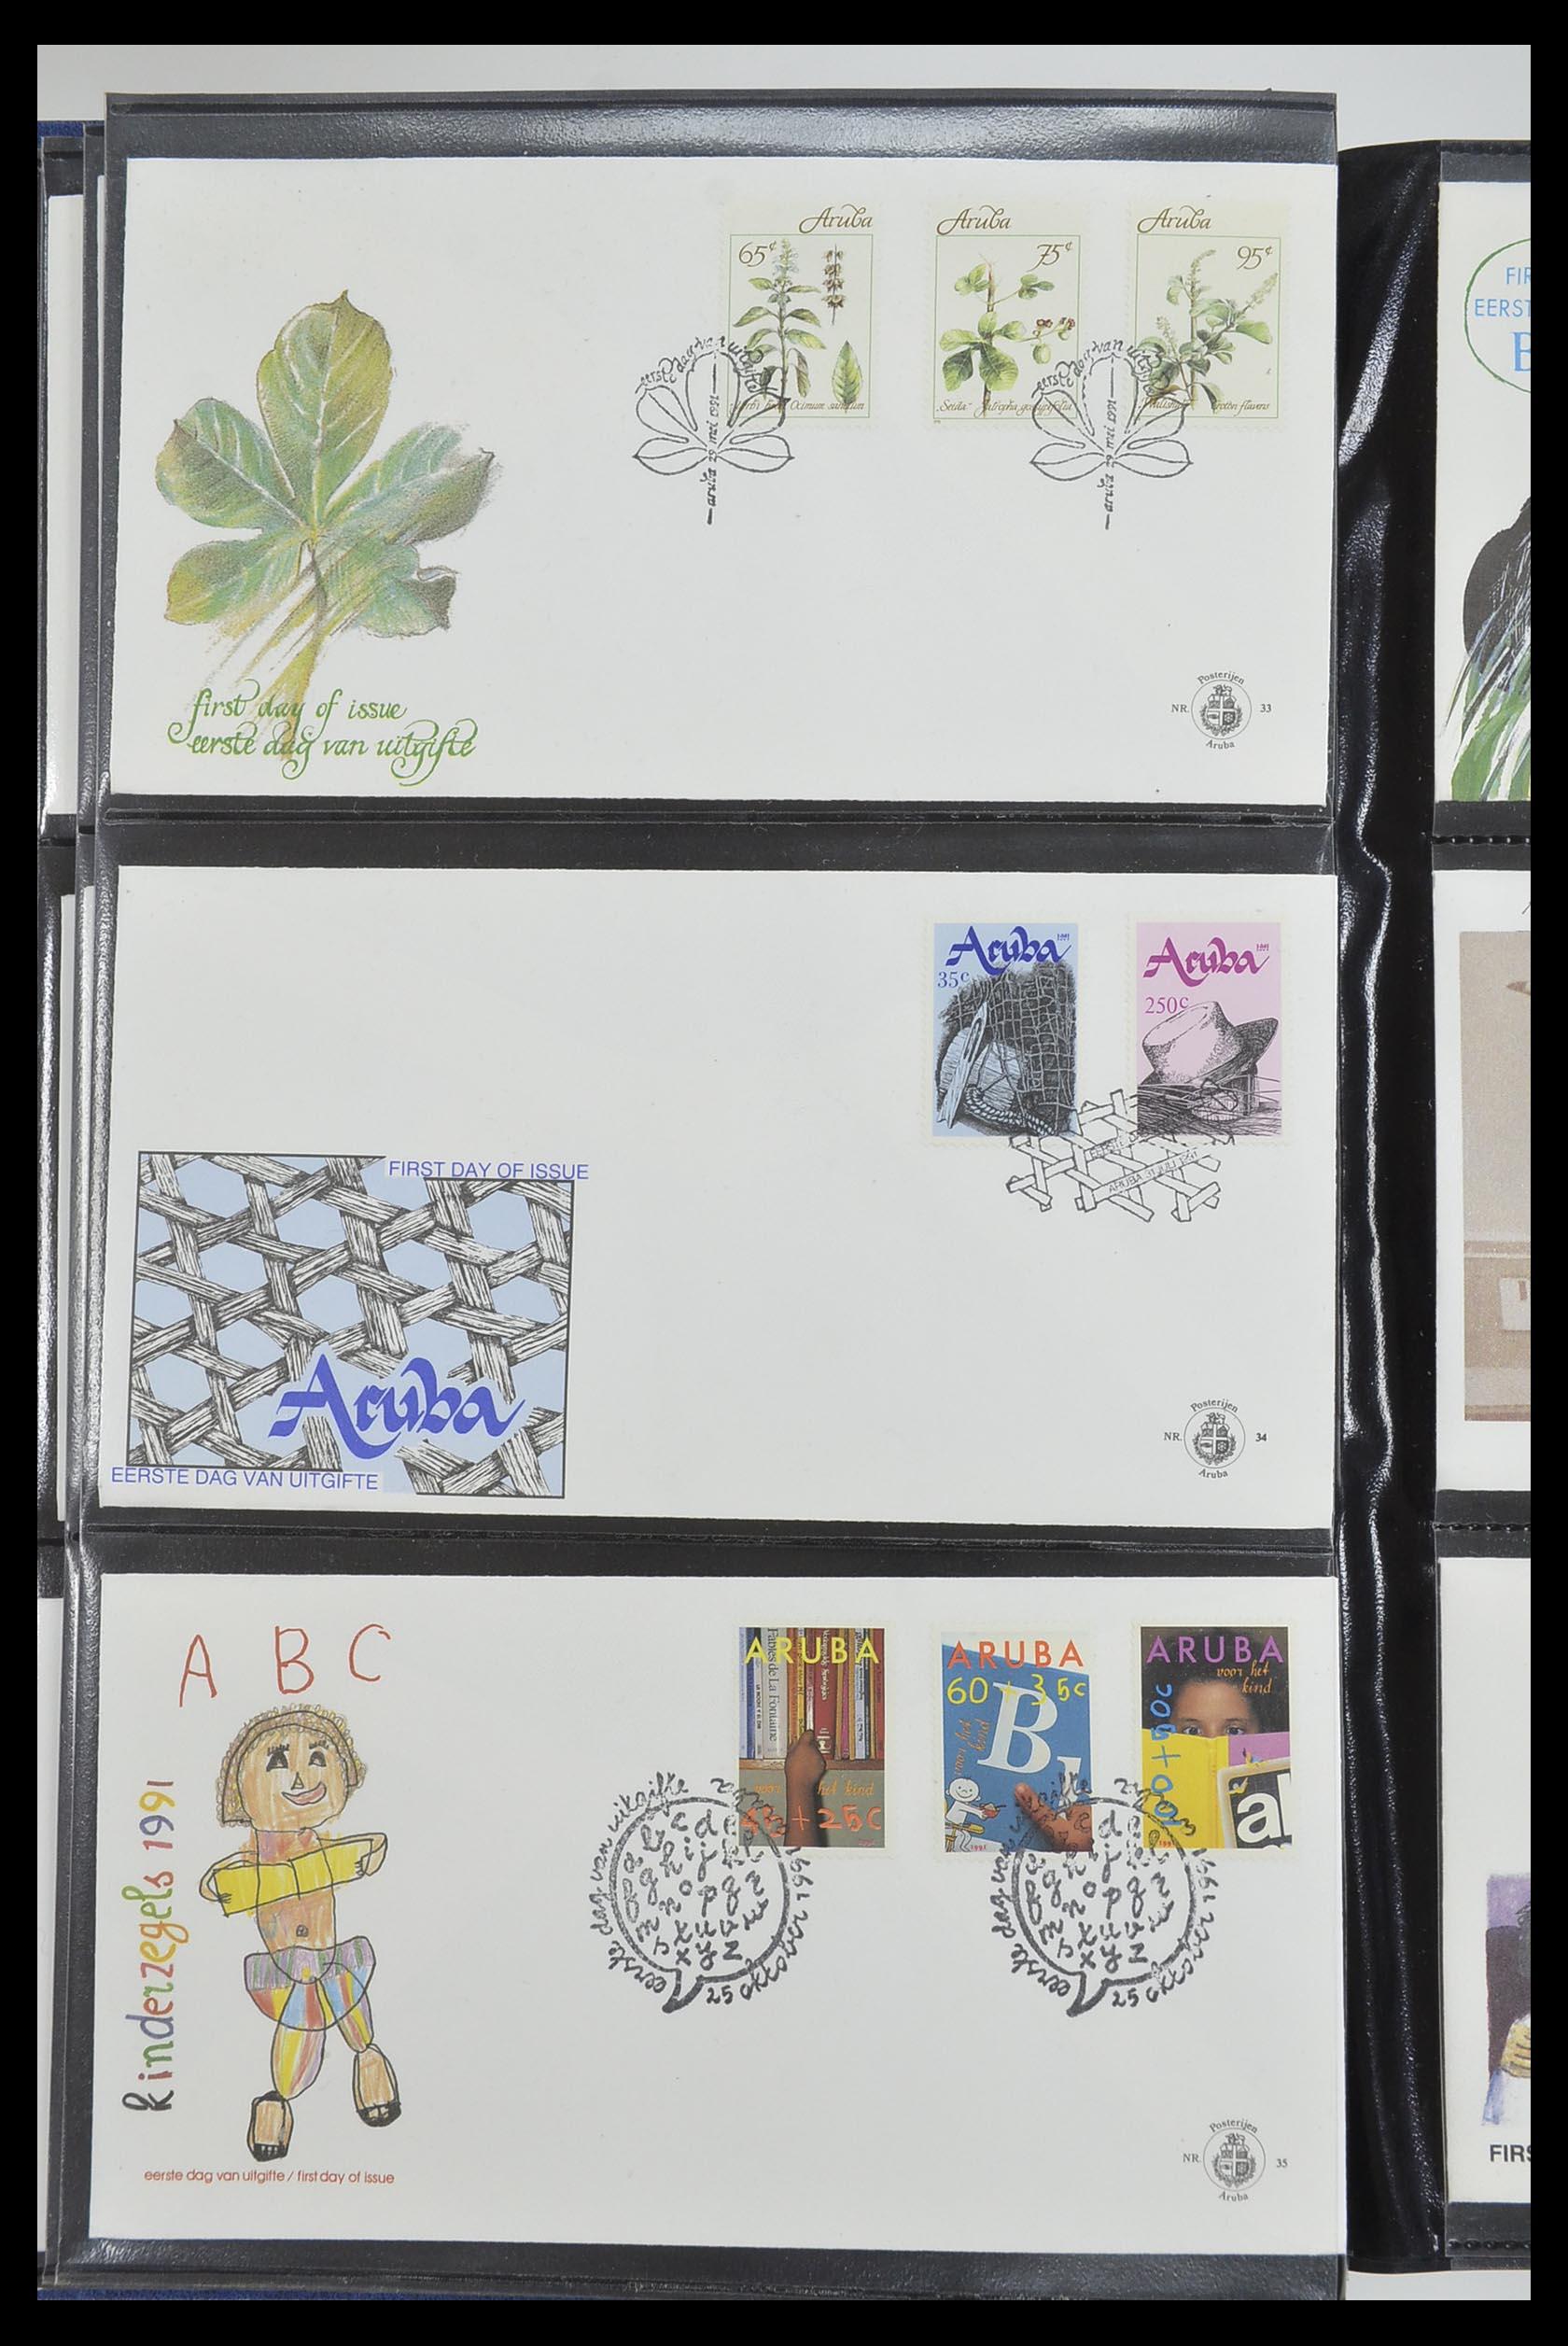 33585 012 - Postzegelverzameling 33585 Aruba FDC's 1986-2006.